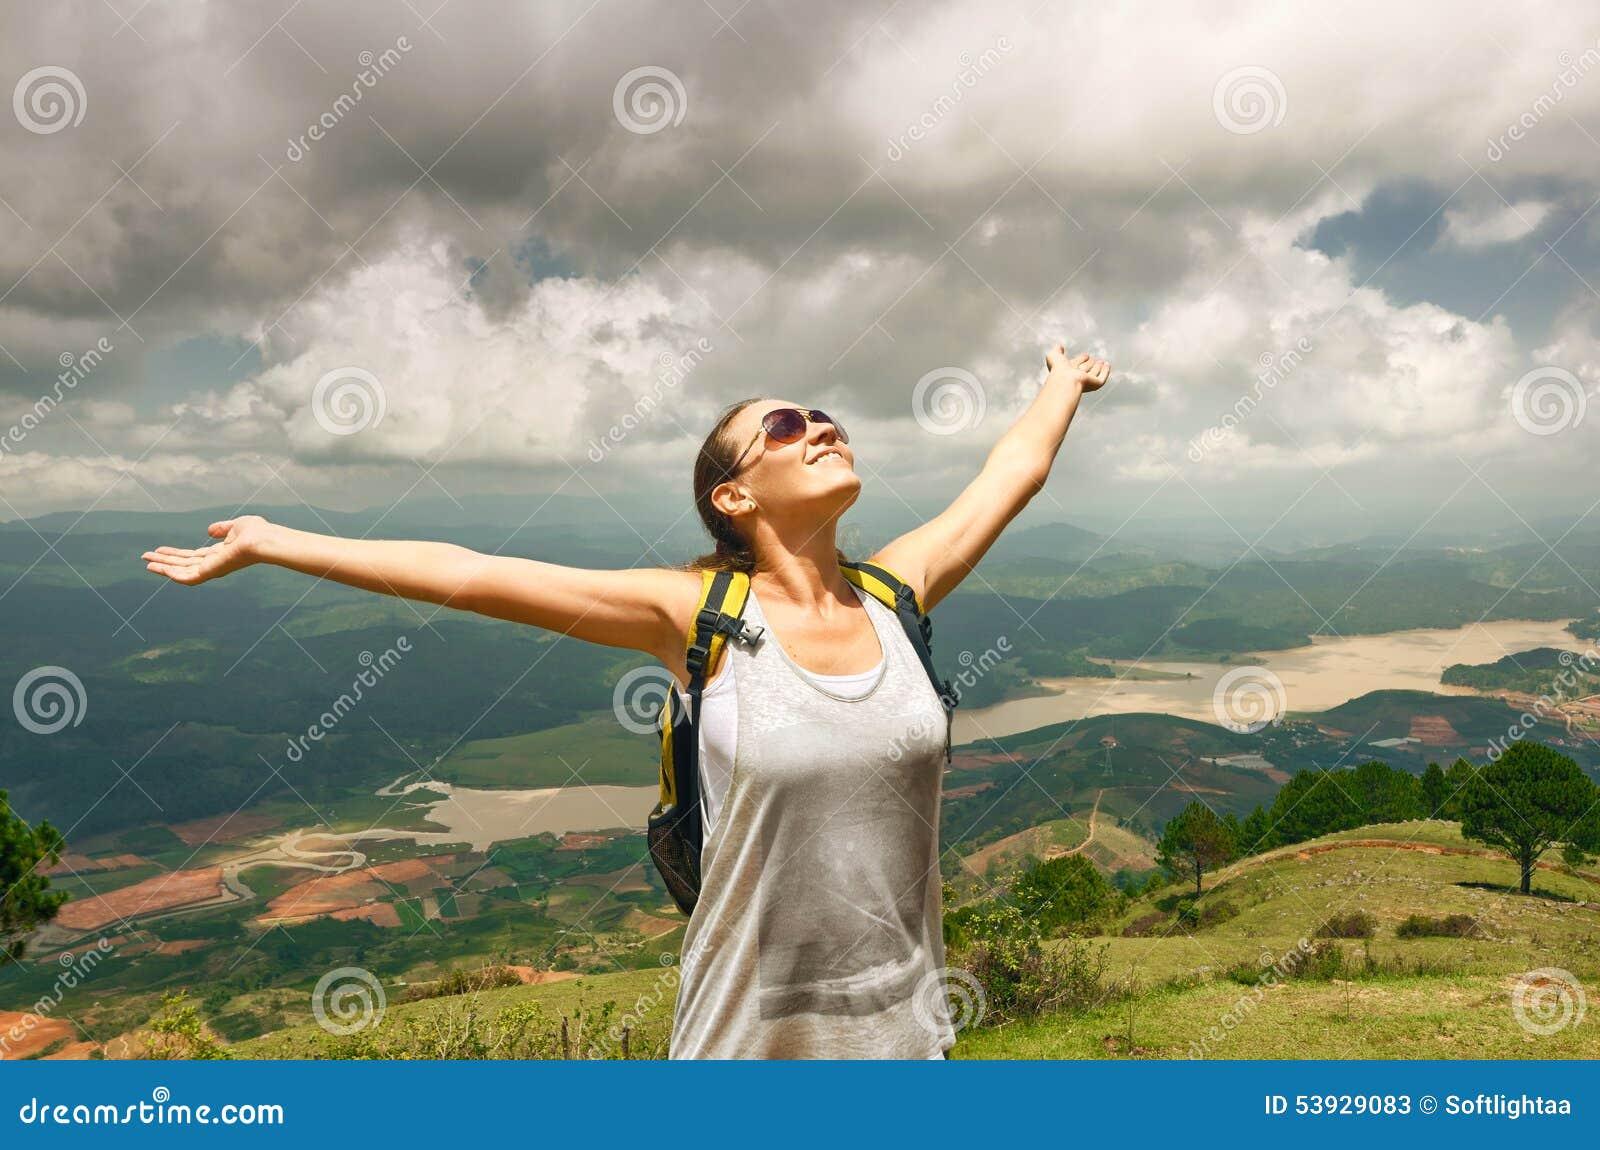 Hiking Woman Climbing Up To Mountain Peak Royalty-Free ...